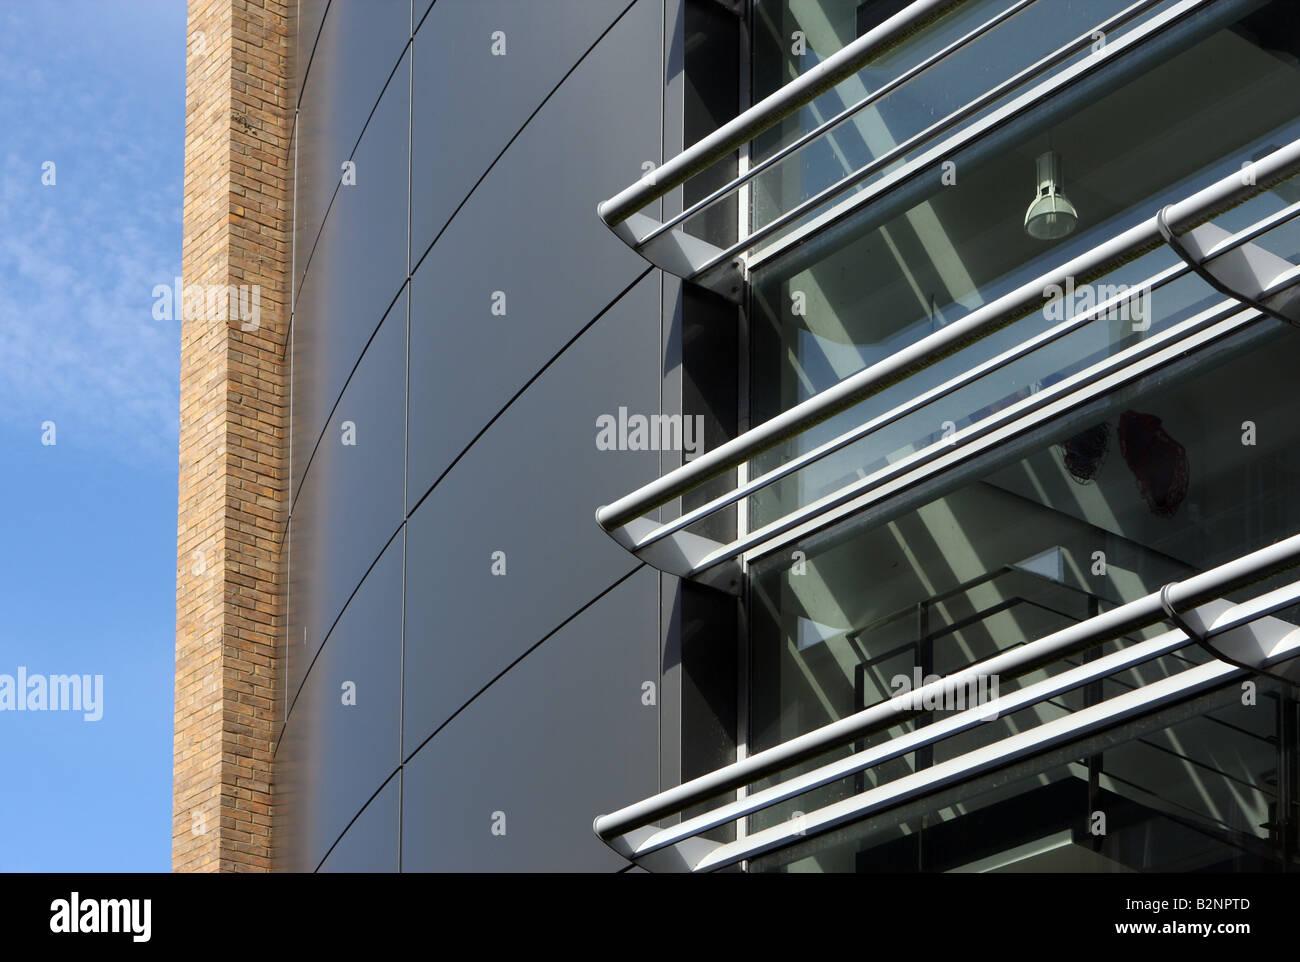 Détail sur la physiologie cardiaque, Centre des sciences, Ministère de l'Université d'Oxford, Photo Stock